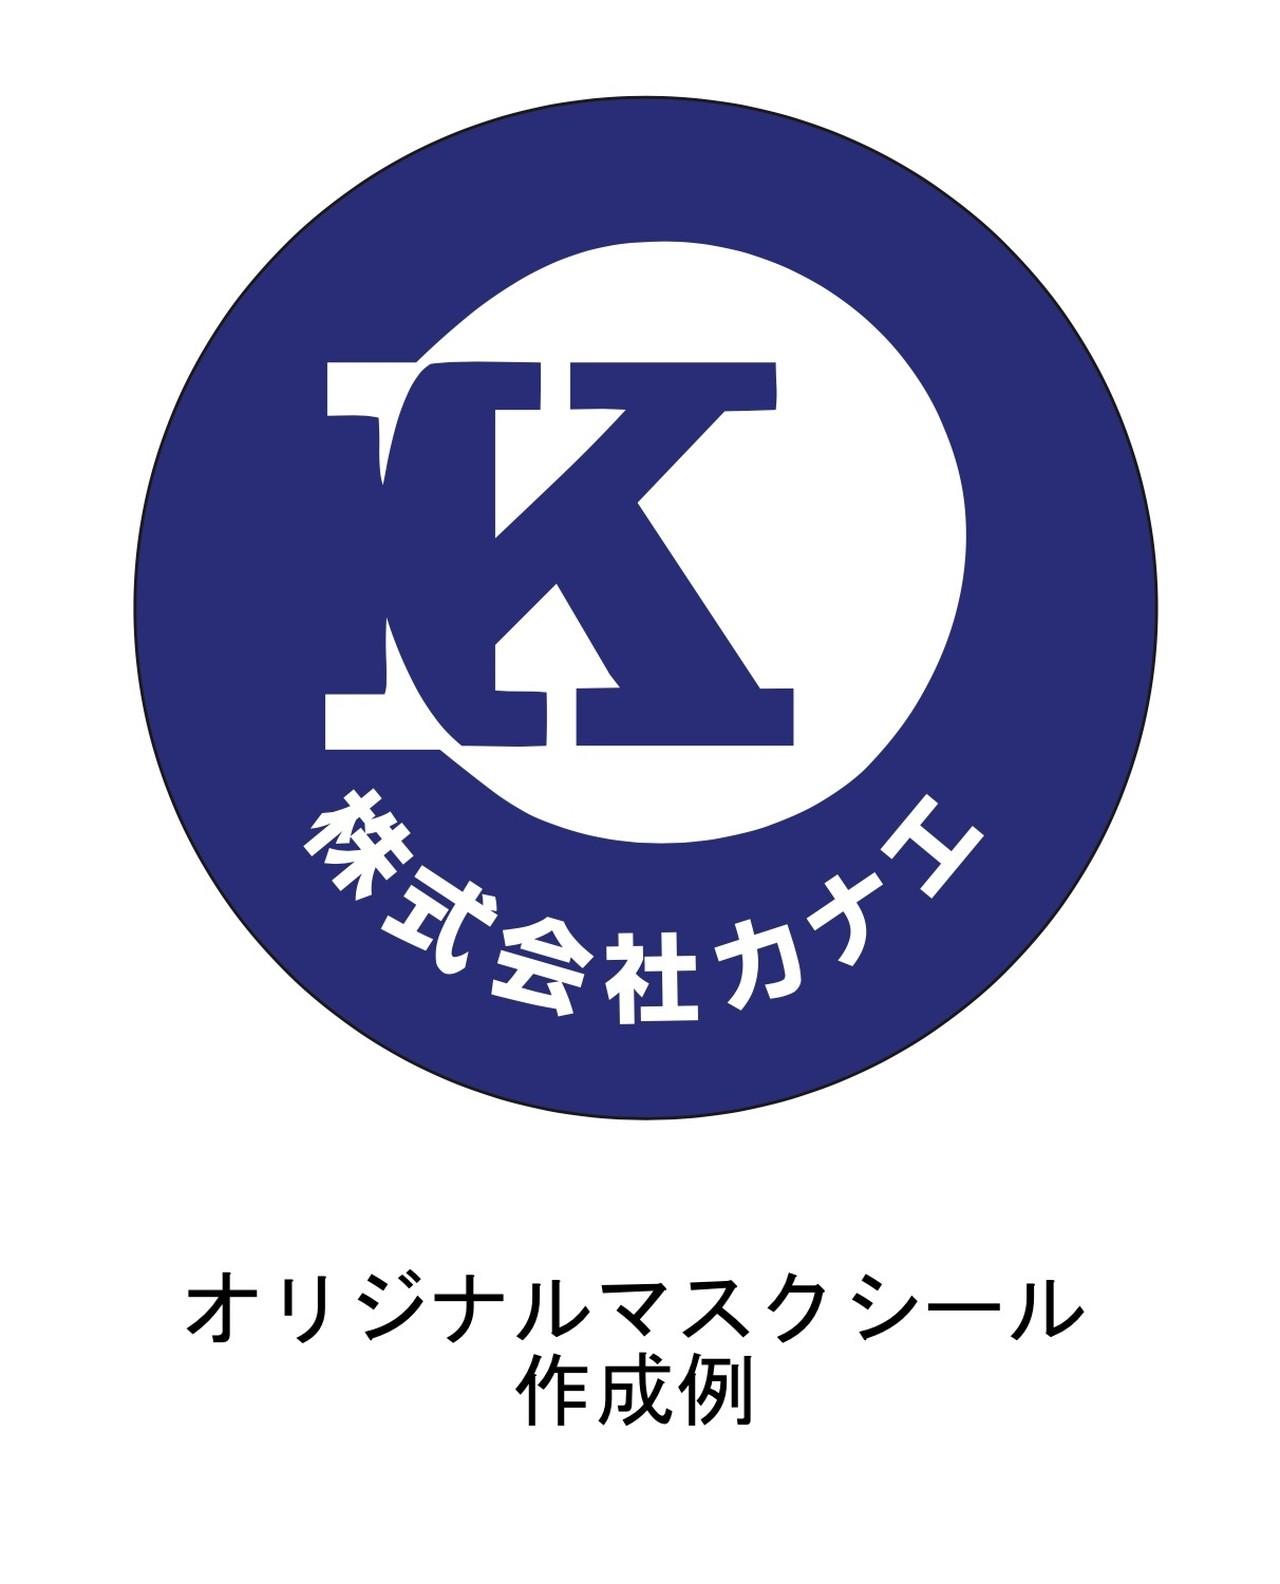 【オリジナルデザイン】300枚入り マスクシール